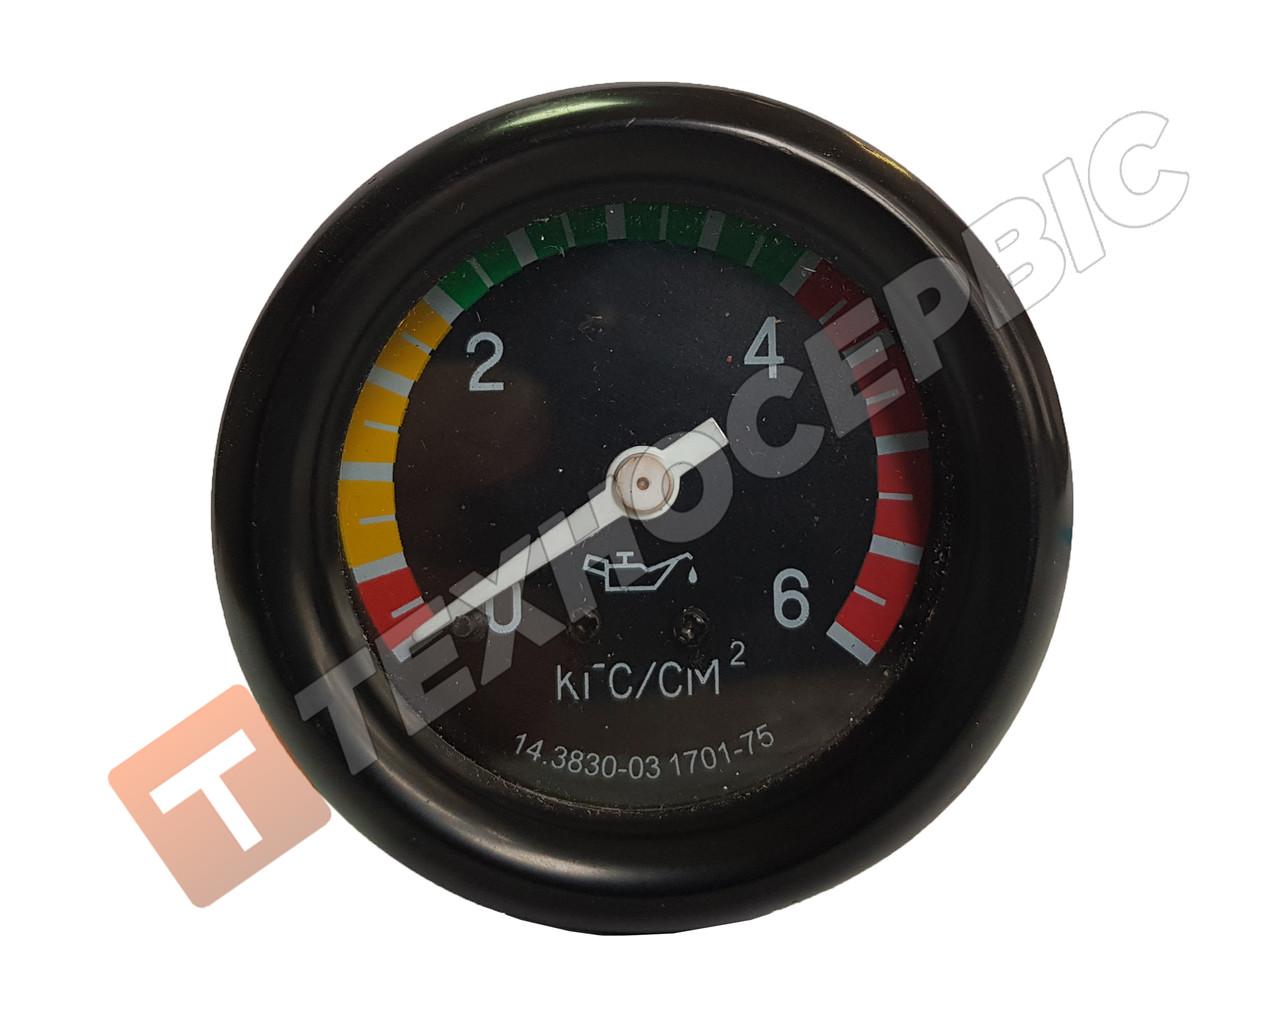 Указатель давления масла ГАЗ-66-01, 66-11, 66-40, 5903, УРАЛ-4322, 5323, КАМАЗ-4310,4410, ЗиЛ-130 (0-6кгс/см2)